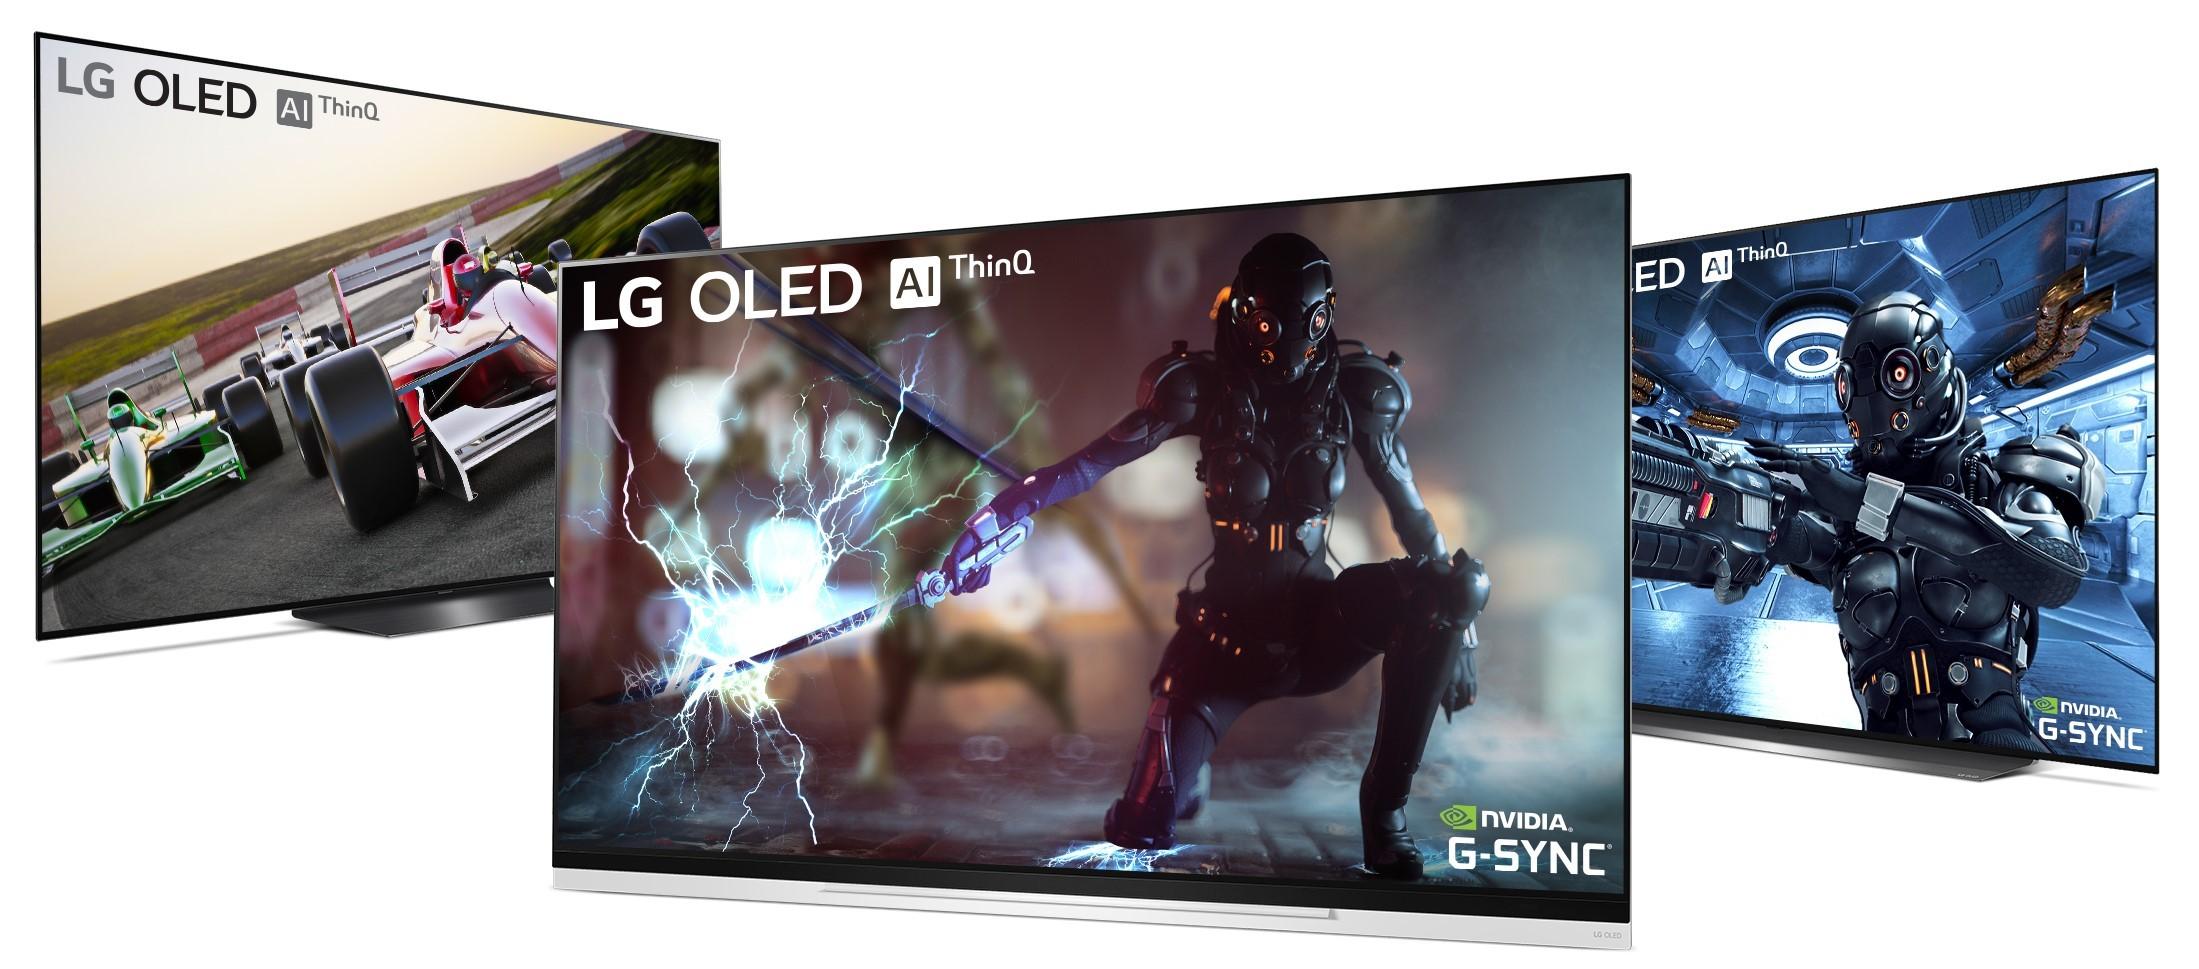 G-SYNC on LG OLED TV E9 C9 B9 _5_thumbnail